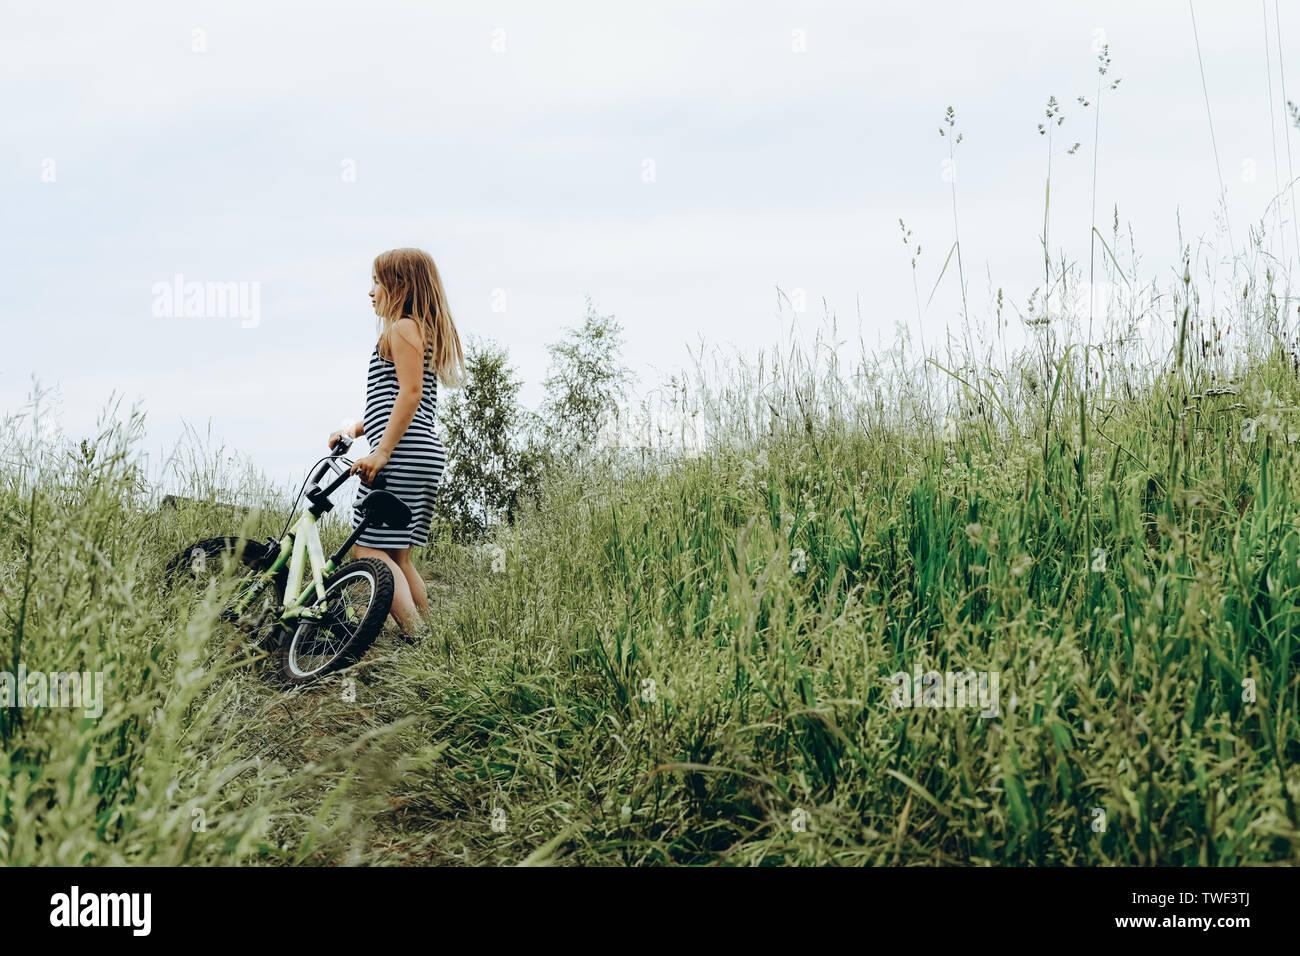 Chica en traje a rayas montando bicicleta. Pasar tiempo al aire libre. Niños jugando afuera en la primavera, el verano. Recuerdos de la infancia. Caminar en el parque, bosque. Ir de viaje, aventura en el desierto Foto de stock